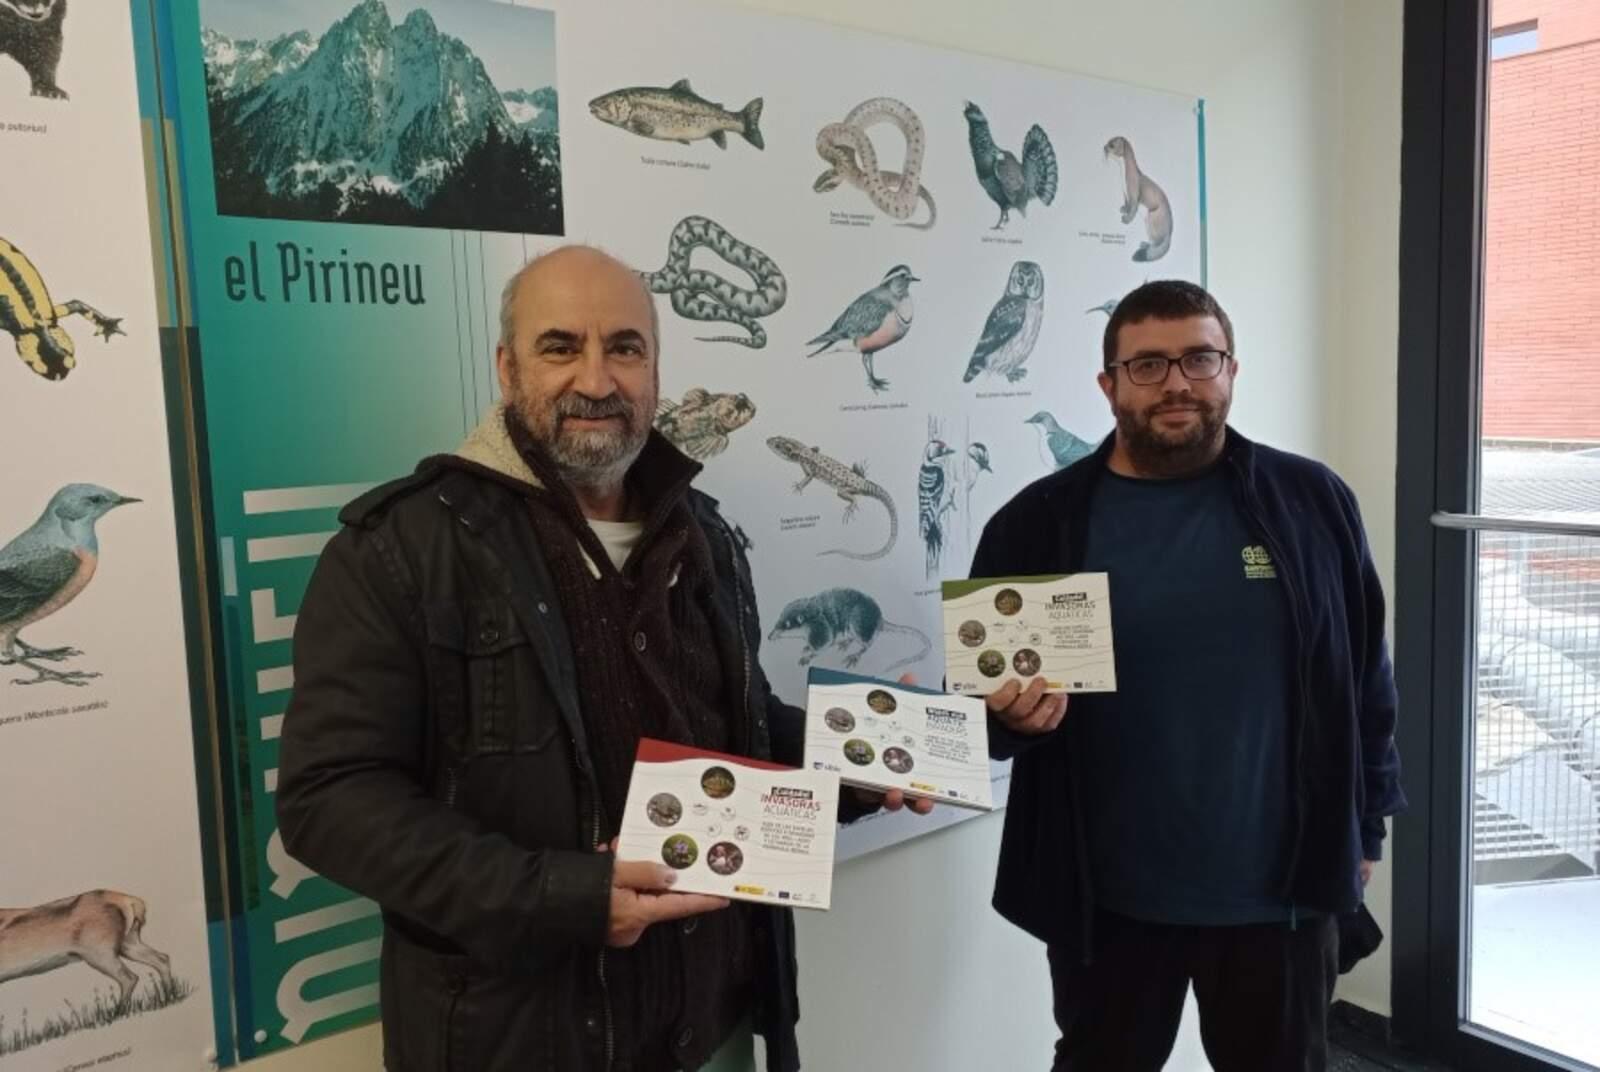 Els professors de la UdL, Frederic Casals i Jorge R. Sánchez, amb exemplars de la guia que han coordinat